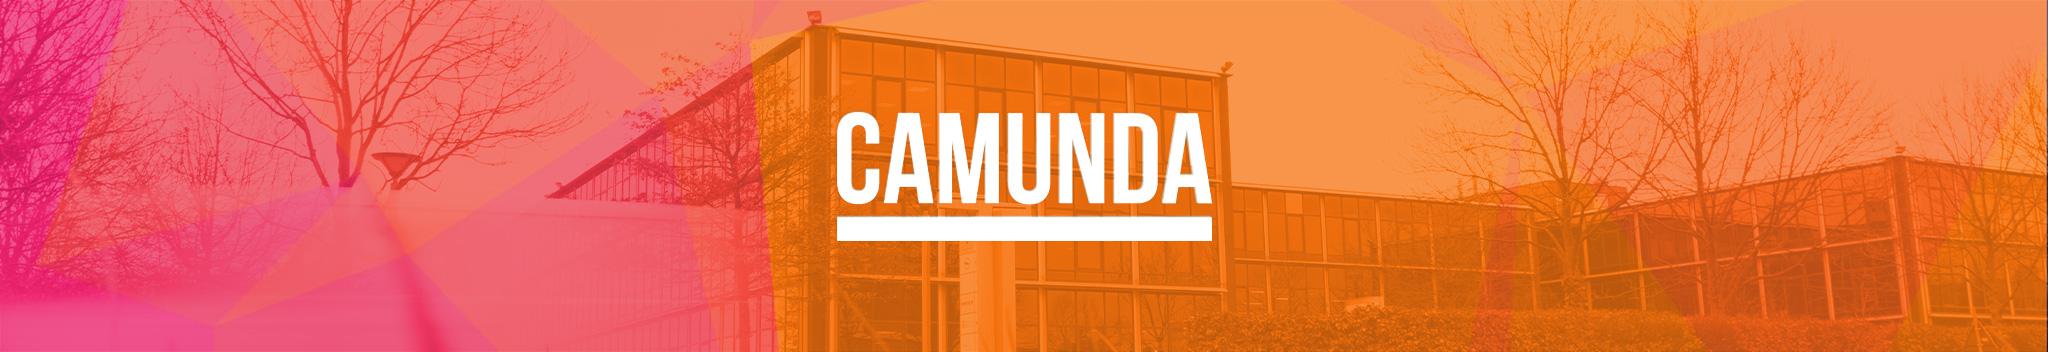 1920x330_camunda-omslag